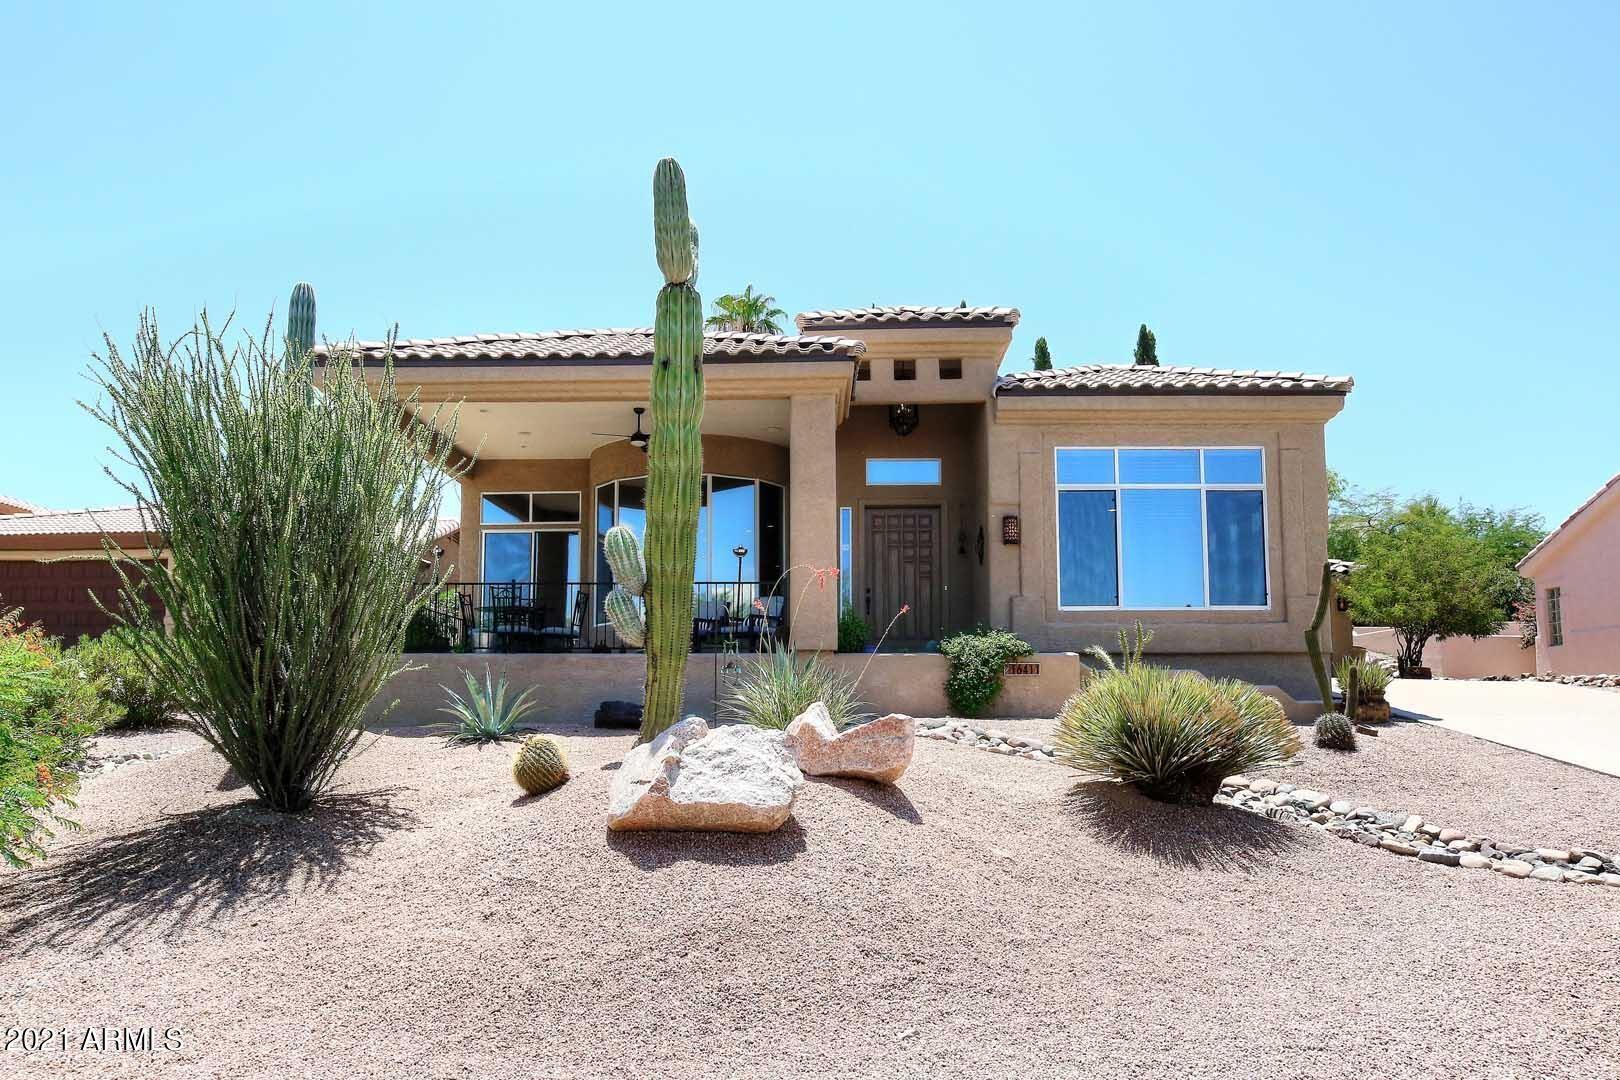 Photo of 16411 E FAIRLYNN Drive, Fountain Hills, AZ 85268 (MLS # 6271450)